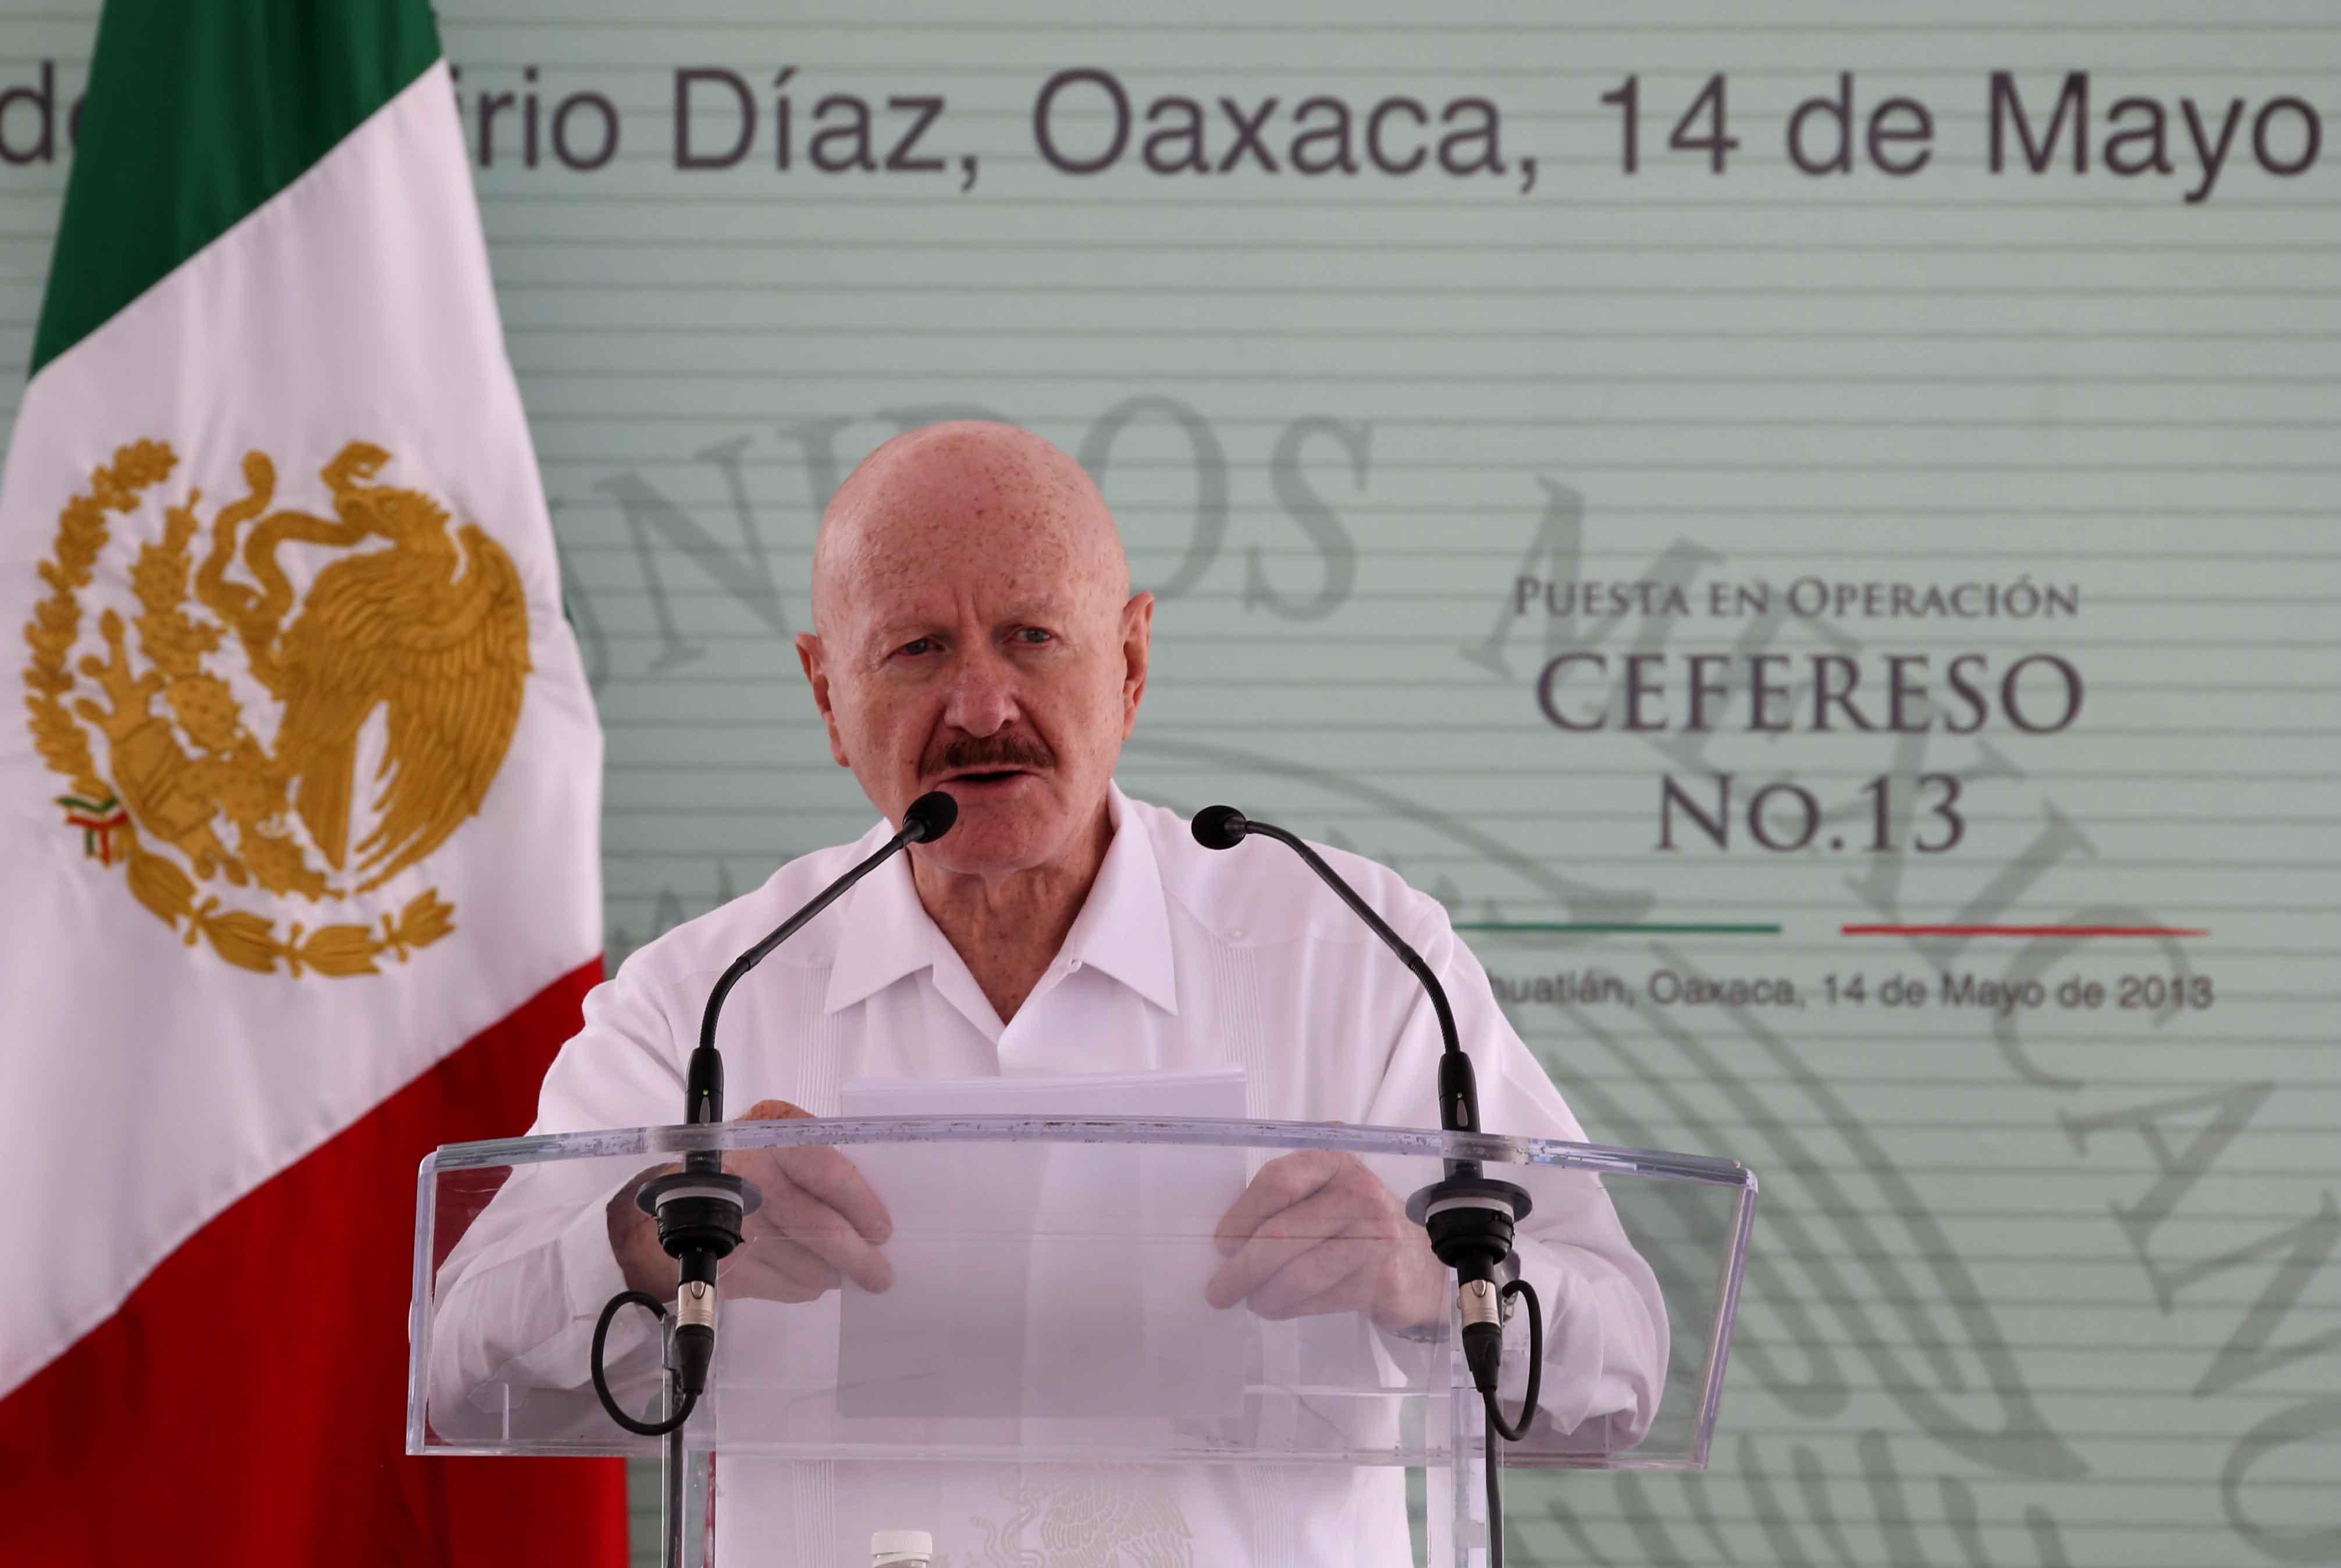 En el acto también estuvieron presentes el Director General de BANOBRAS, Alfredo del Mazo Maza; el Secretario General de Gobierno del estado, Alfonso Gómez Sandoval, entre otros